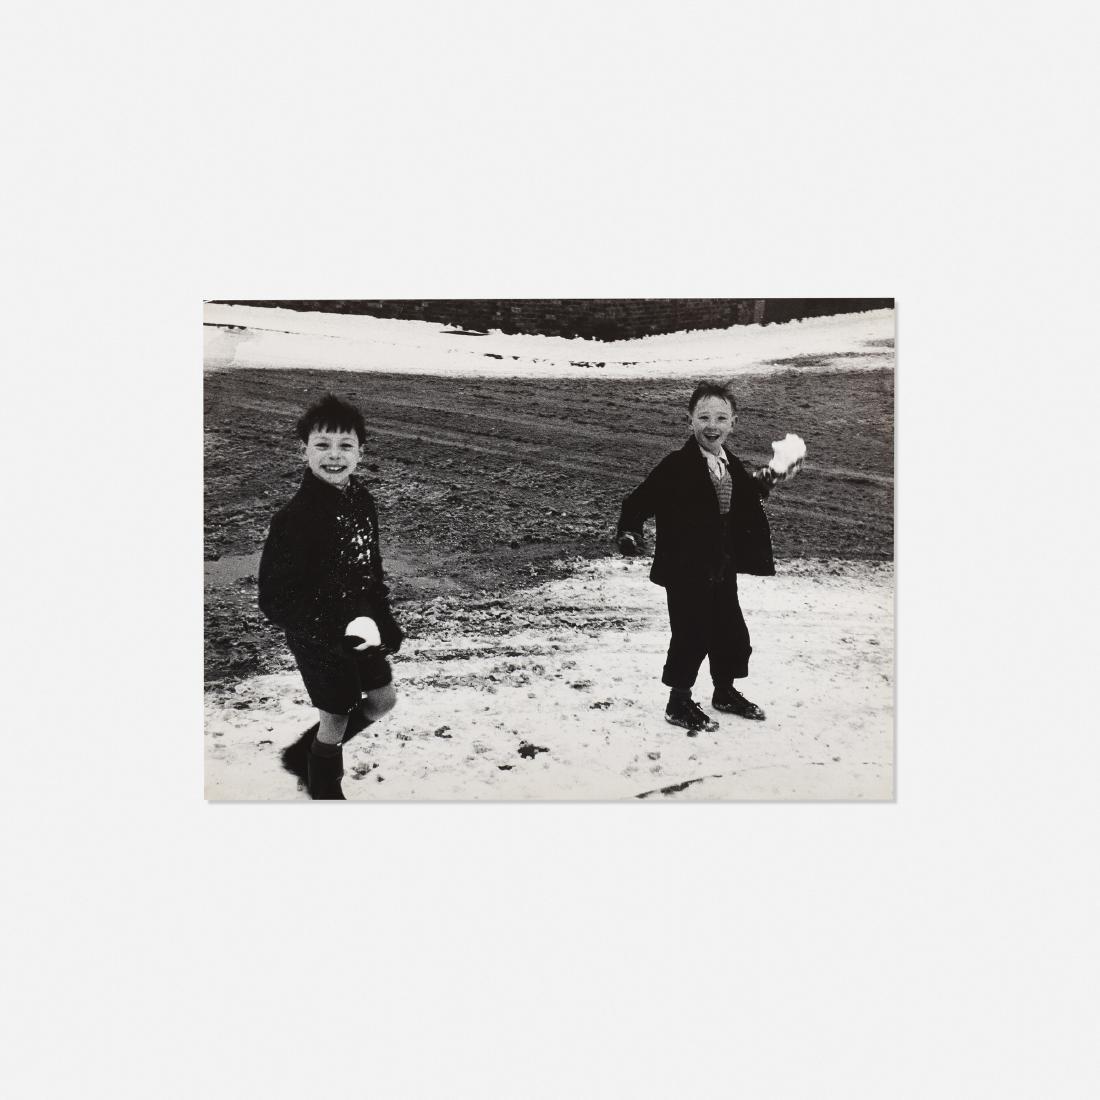 Roger Mayne, Children in Snow, London